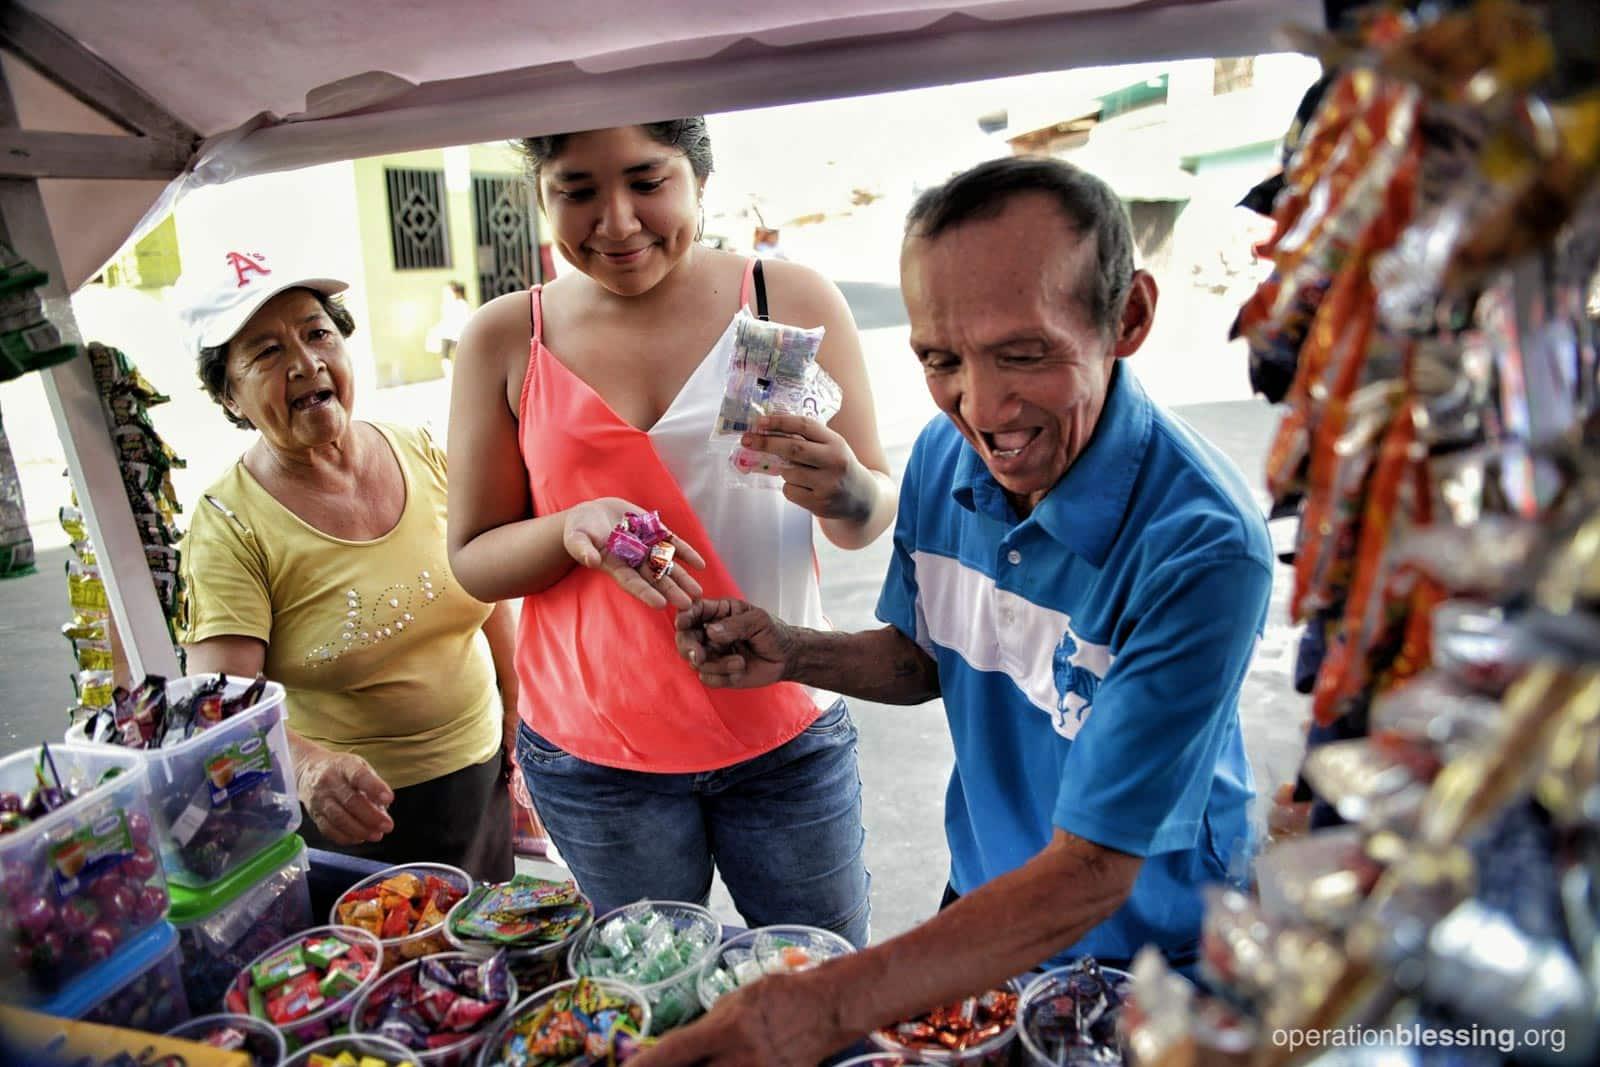 Luis serving customers.